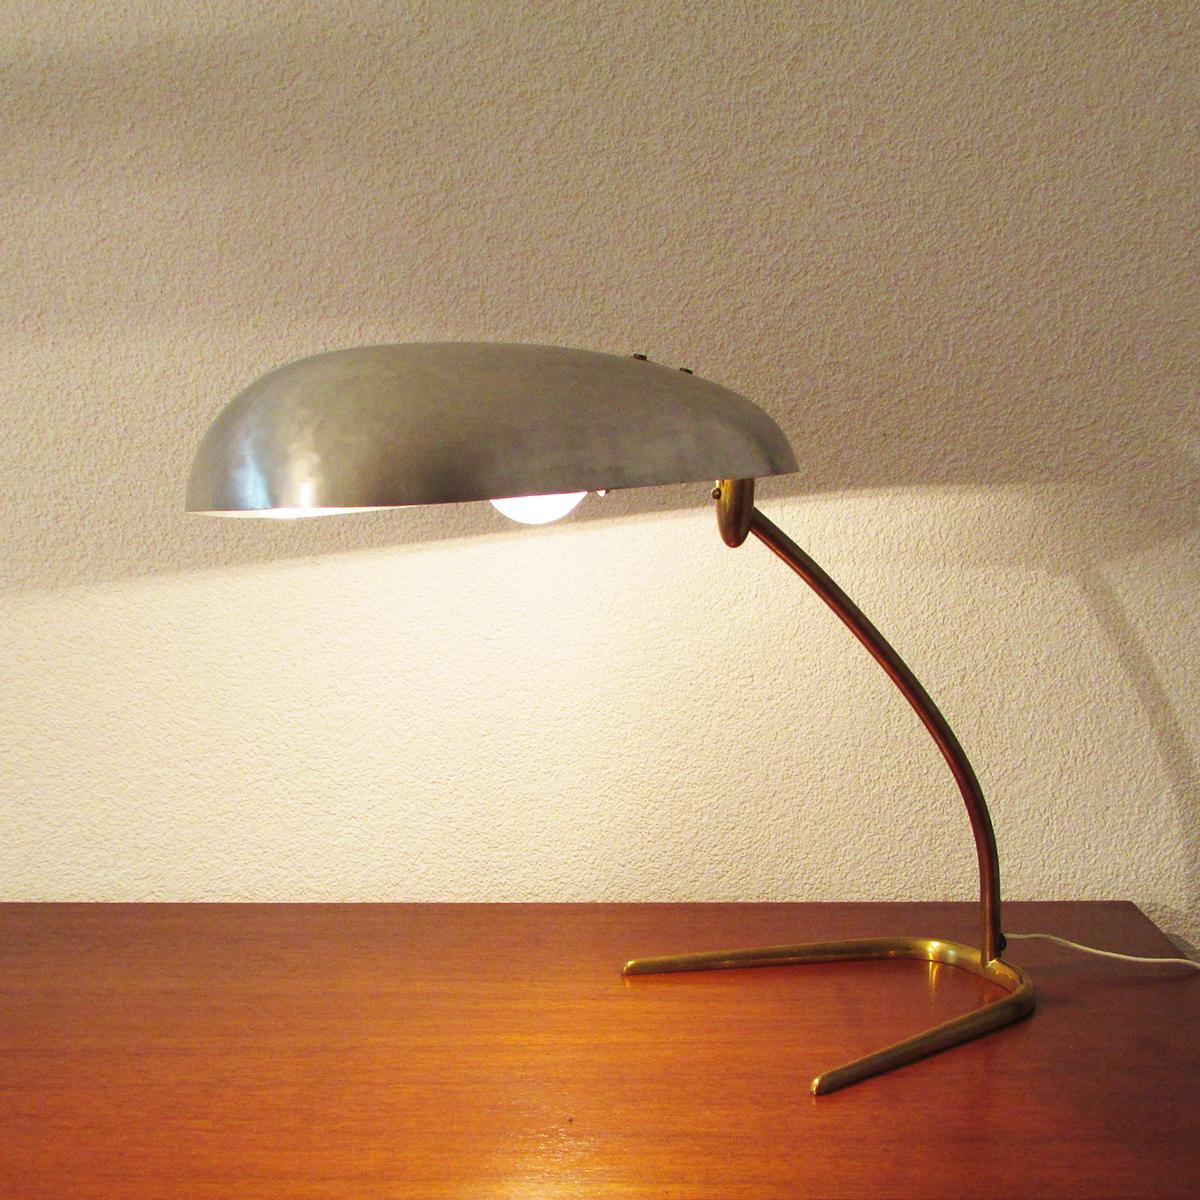 bag-turgi-desk-lamp